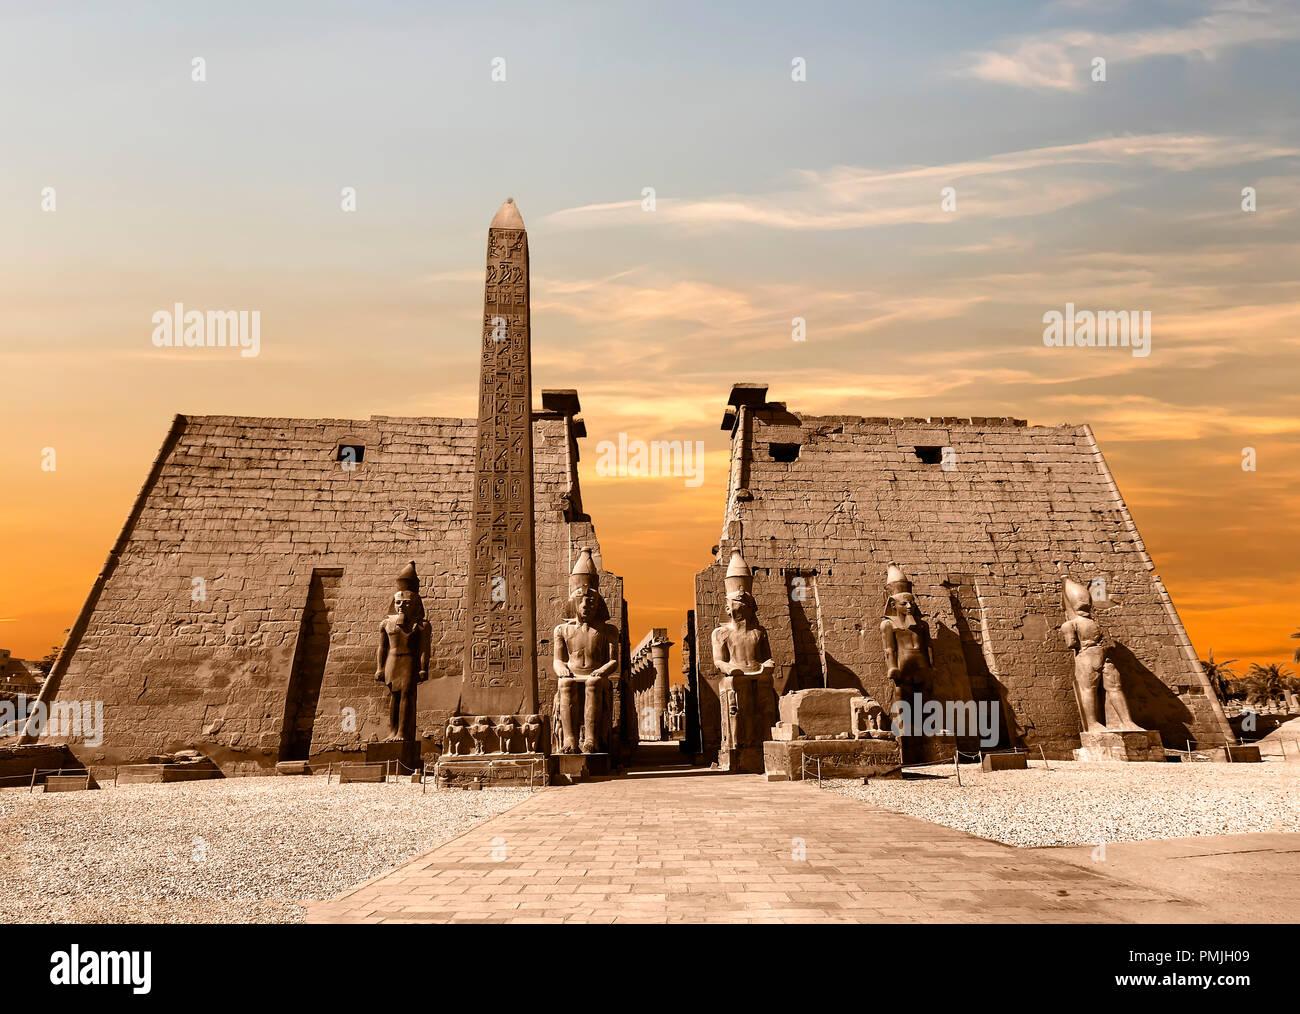 Entrée du temple de Louxor au coucher du soleil, un grand complexe de temples de l'Égypte ancienne située sur la rive est du Nil, dans la ville aujourd'hui connue sous le nom de Prestige Photo Stock